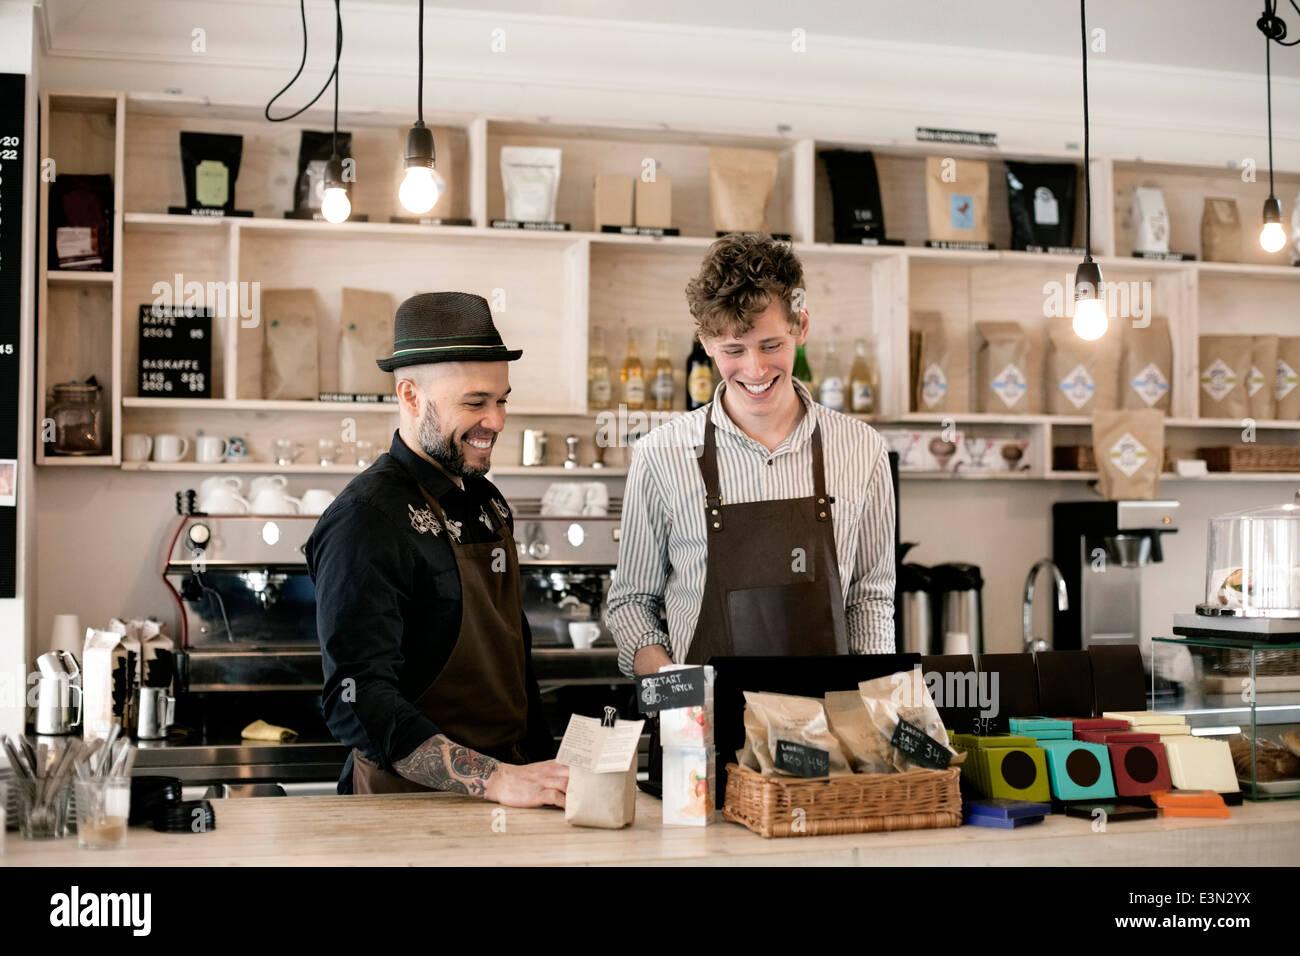 Felice dei lavoratori presso il cafe counter Immagini Stock